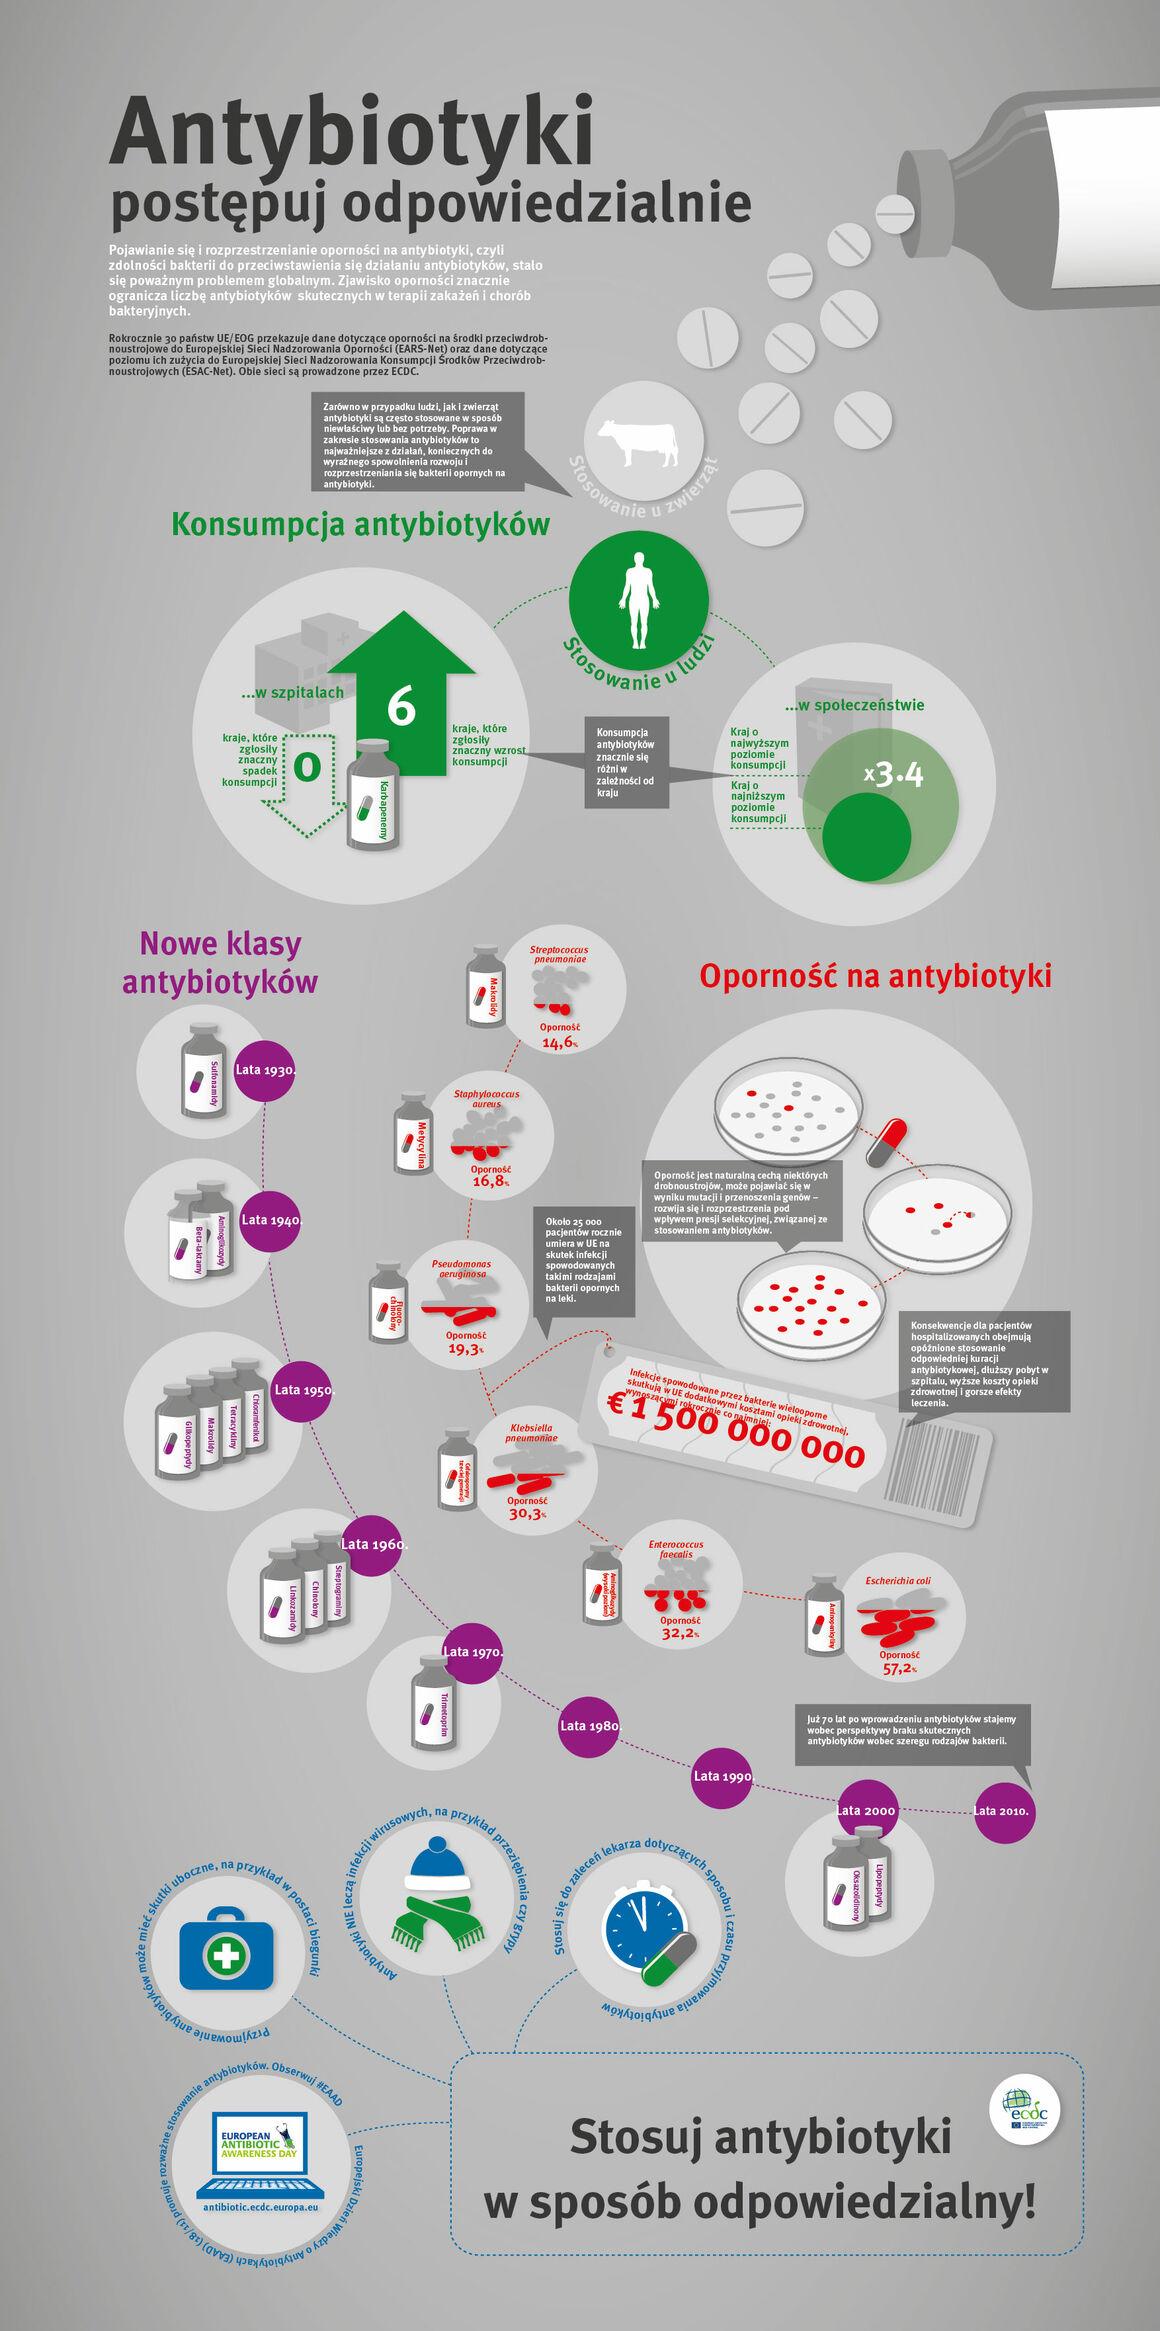 Antybiotyki - postępuj odpowiedzialnie